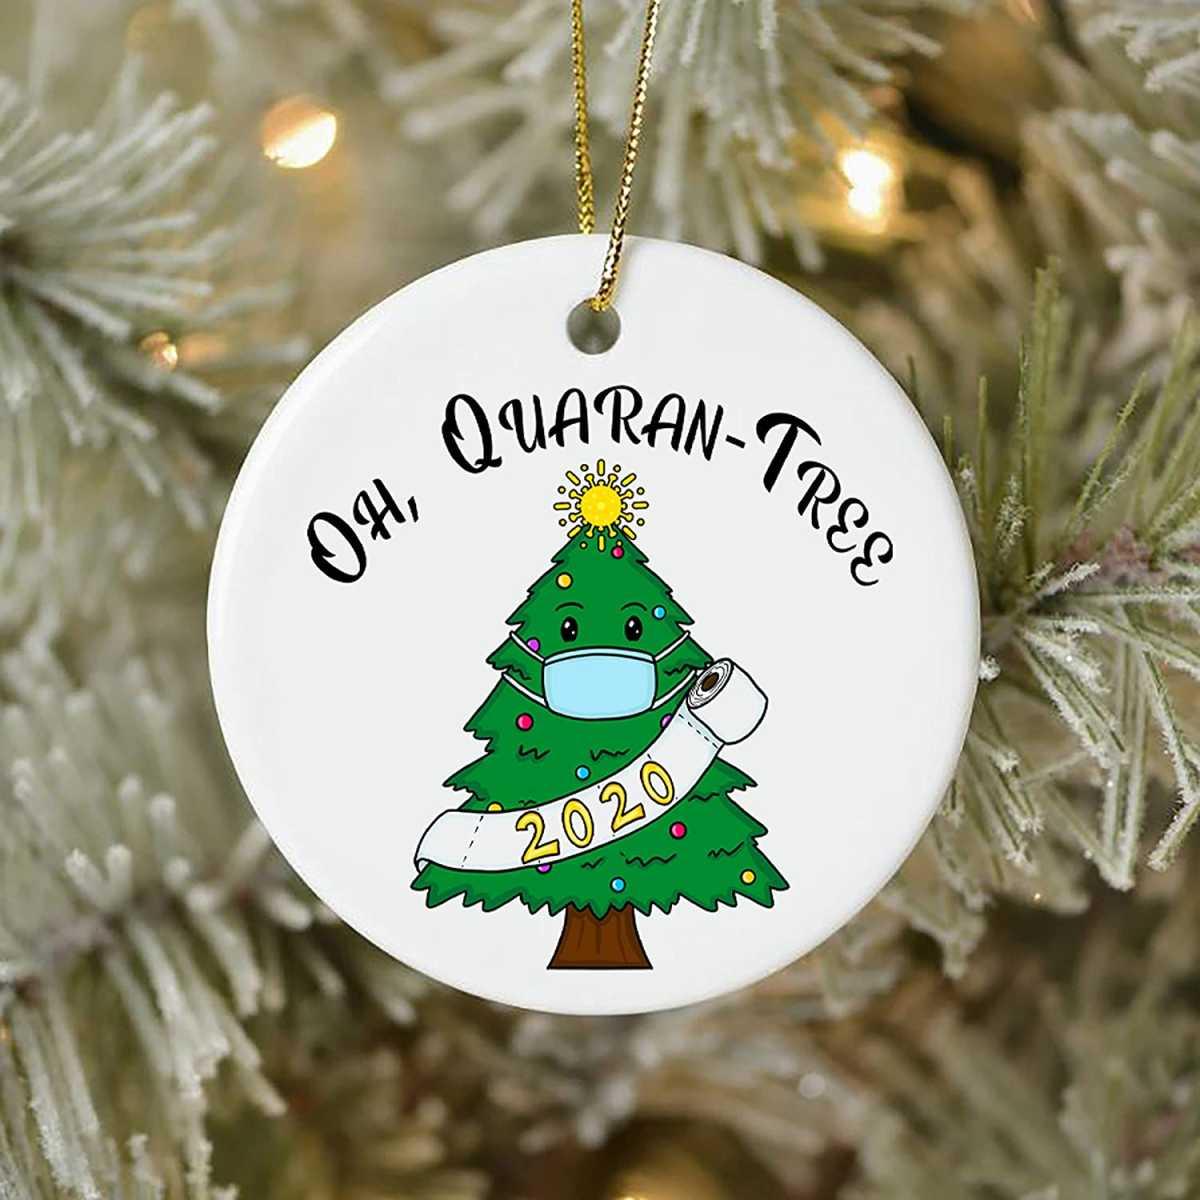 quarantine ornament